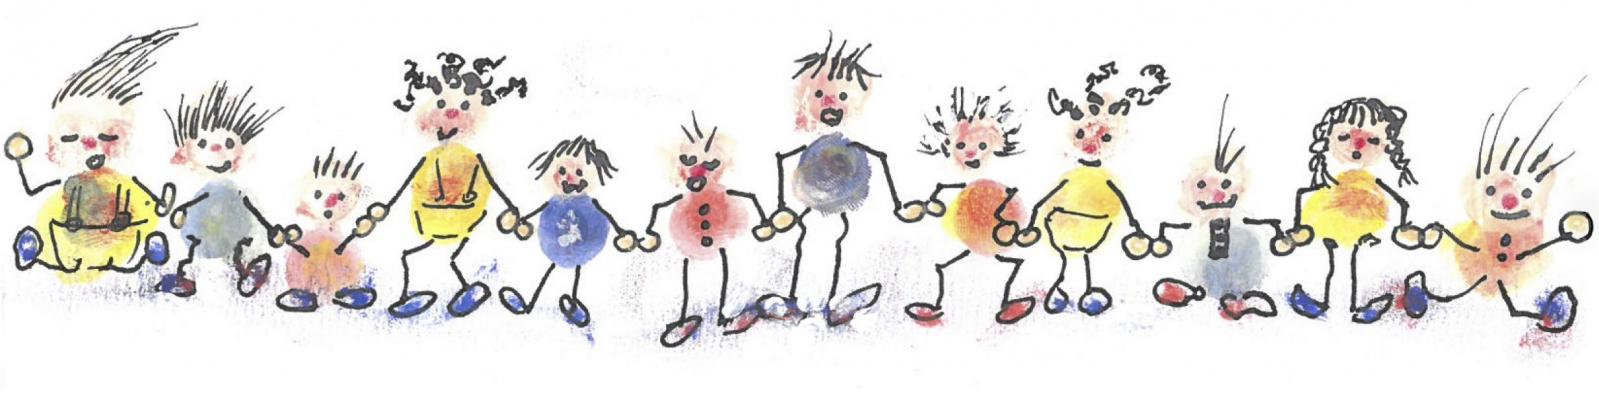 Sprachheil-Kindergarten: Aufnahme